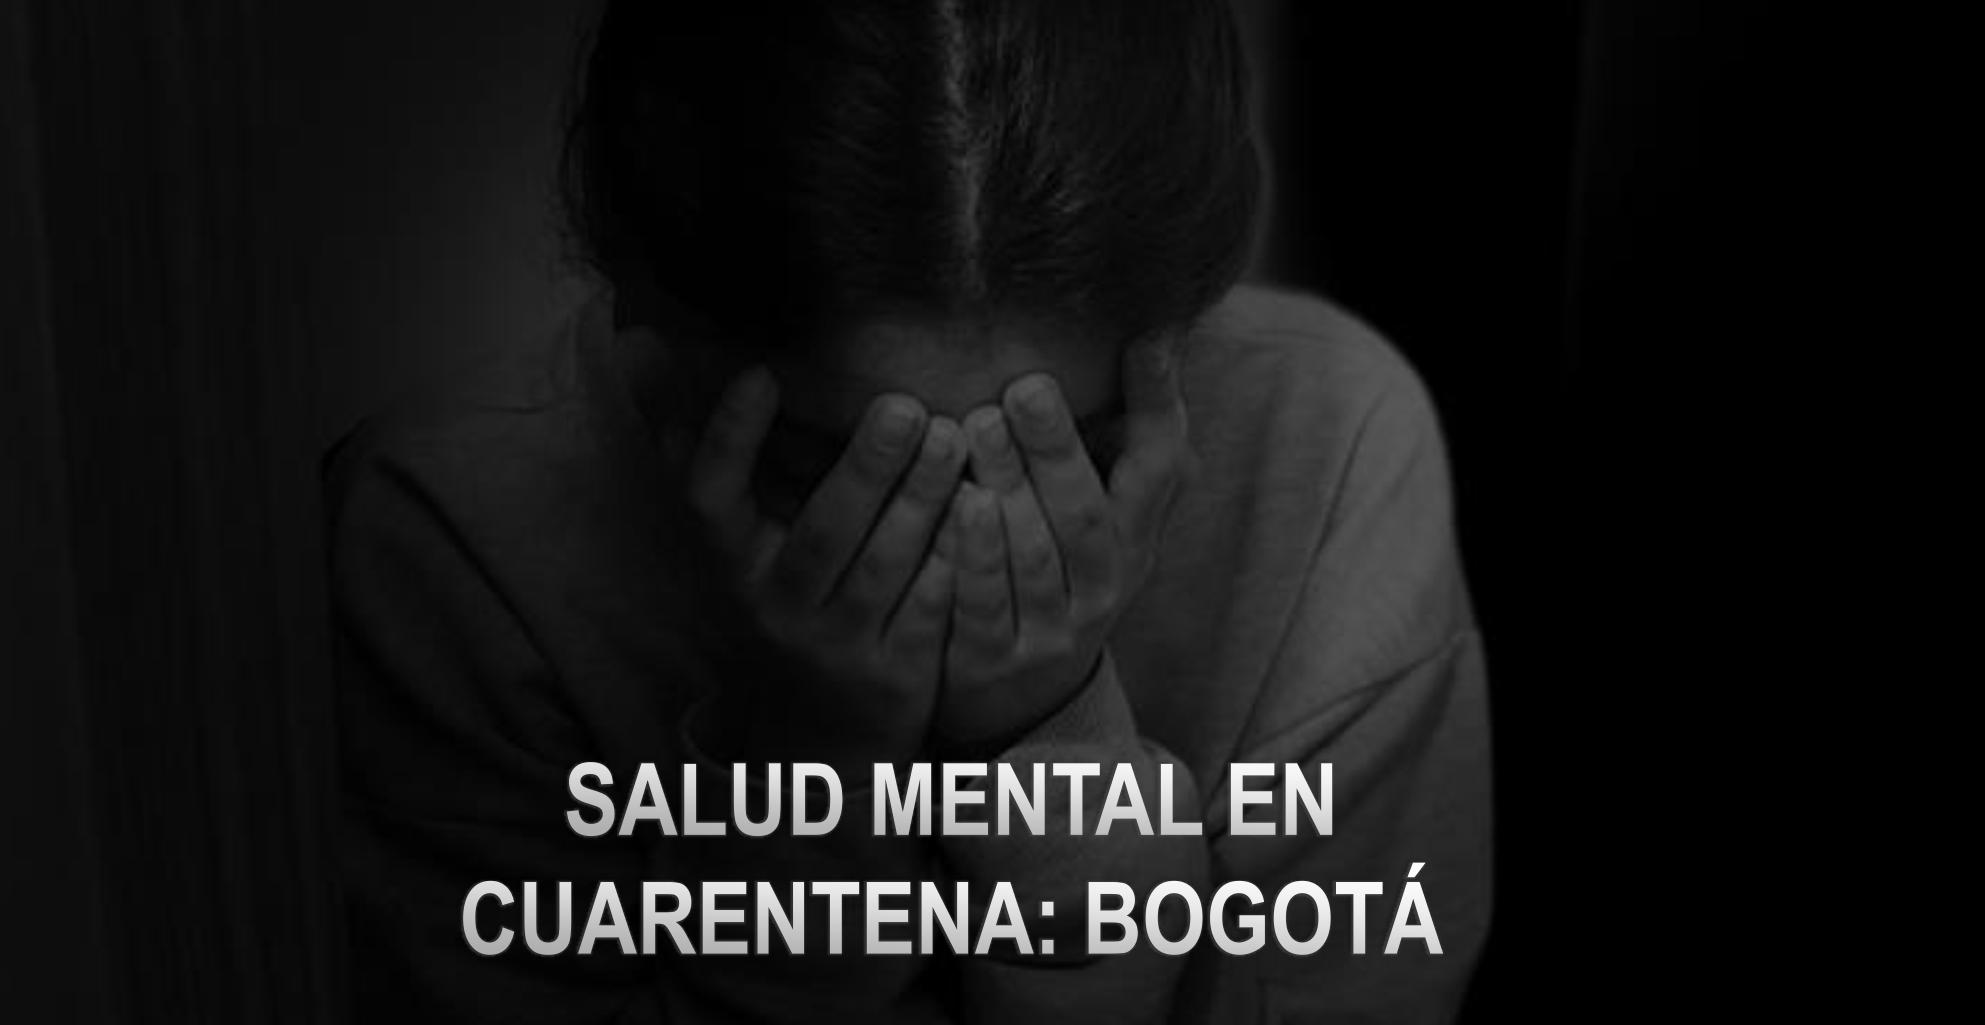 Salud mental en cuarentena: Bogotá 2020